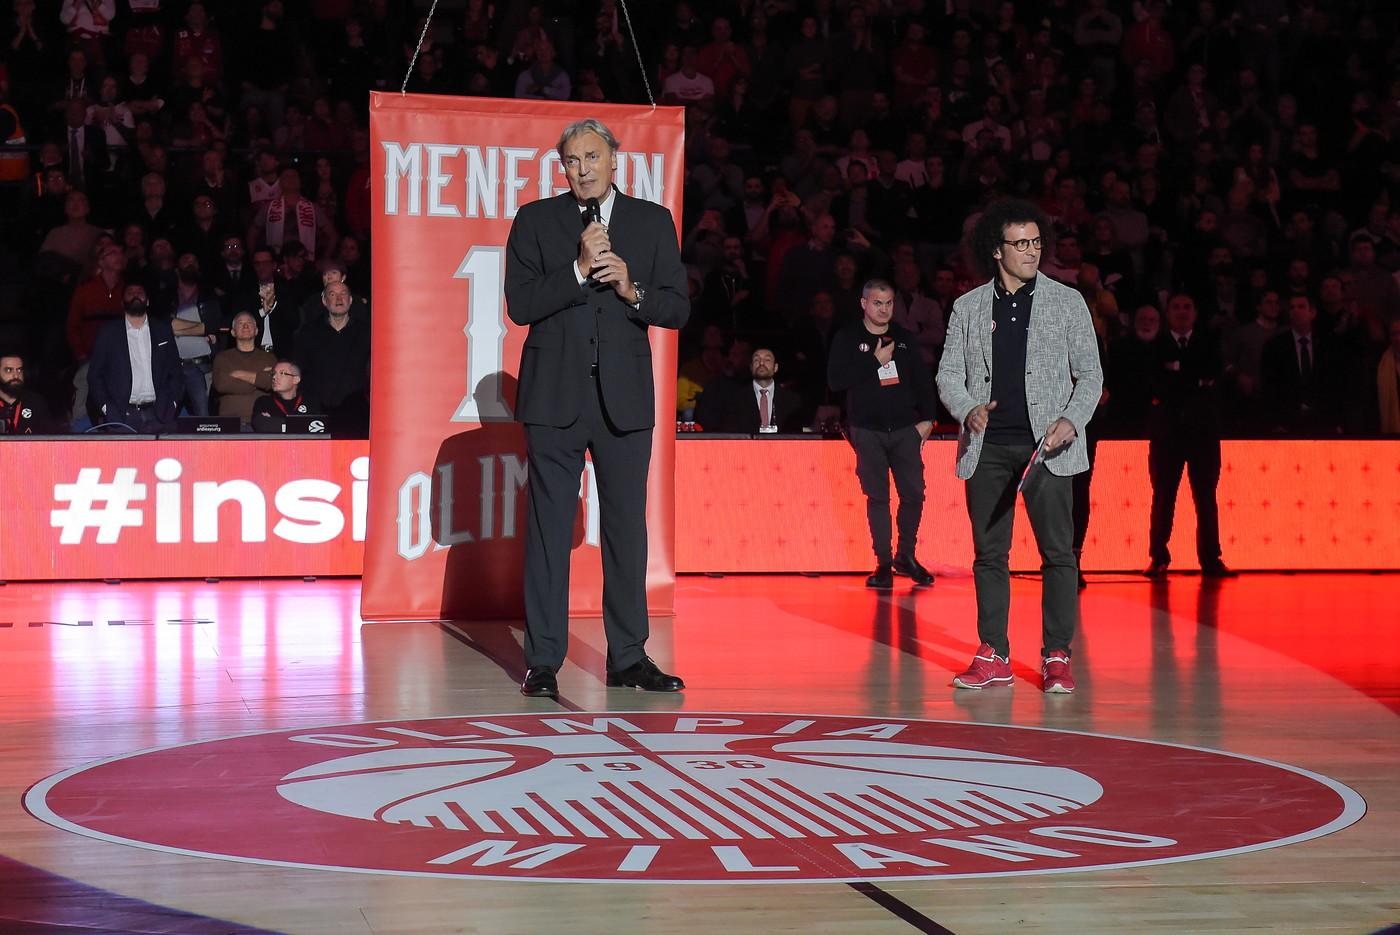 L&#39;Olimpia Milano ha deciso di omaggiare la leggenda del basket italiano Dino Meneghin<br /><br />